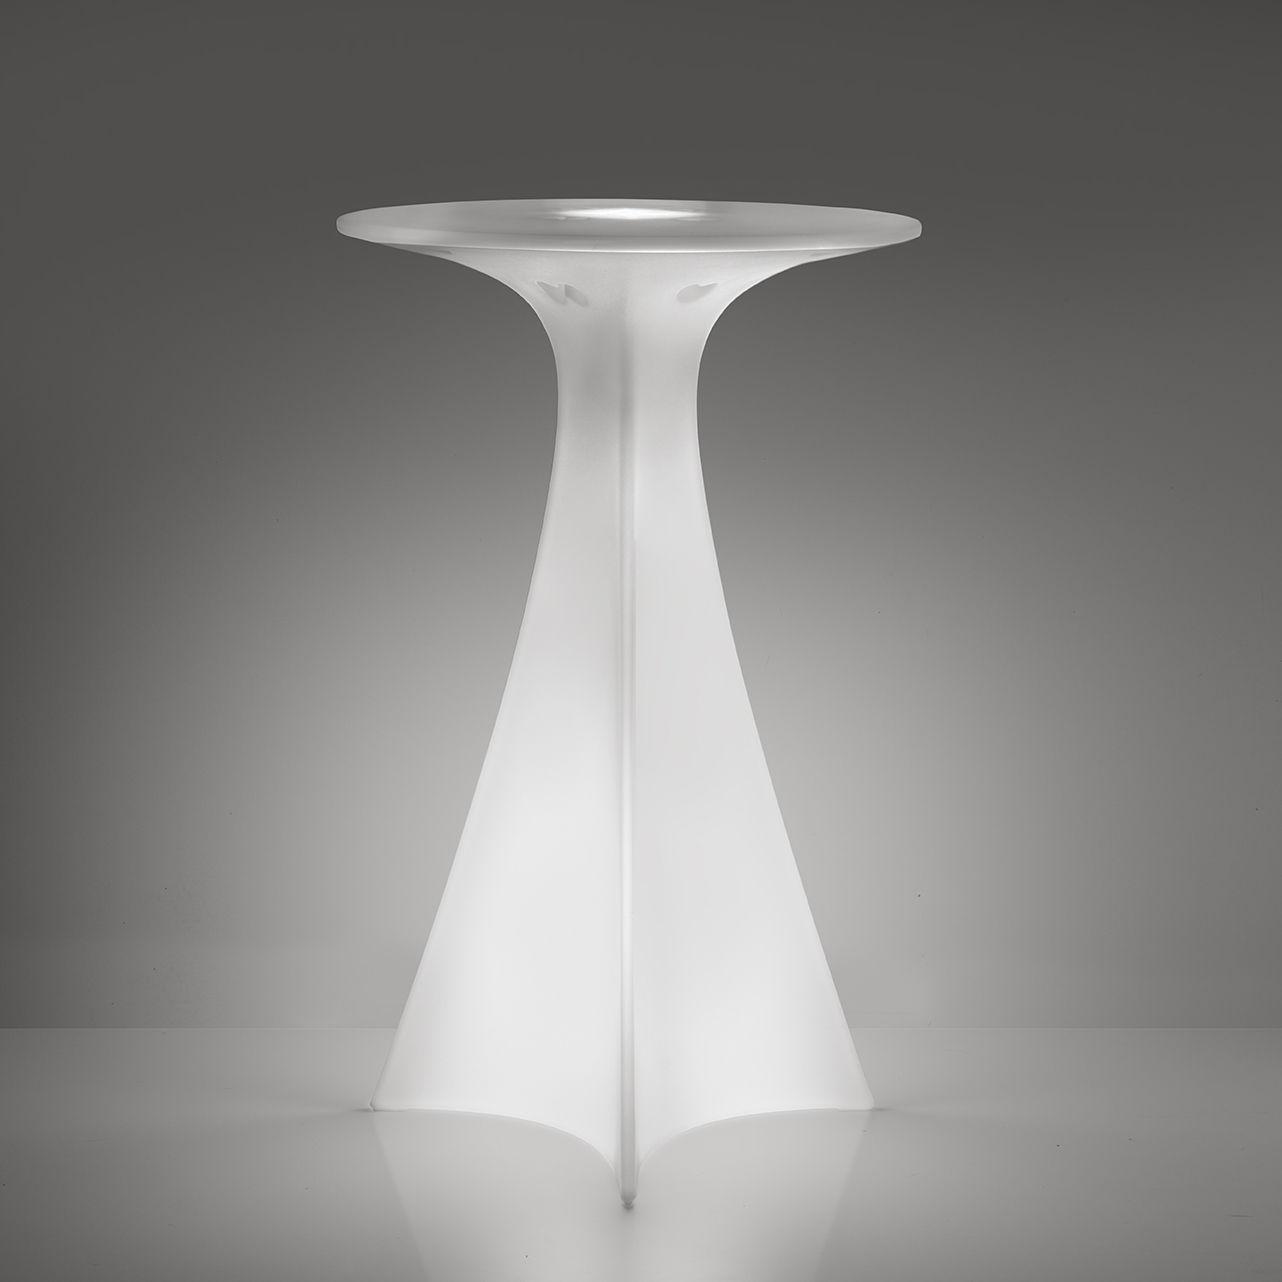 Möbel - Stehtische und Bars - Jet beleuchteter Stehtisch / Ø 62 x H 100 cm - Slide - Weiß - recycelbares Polyethen